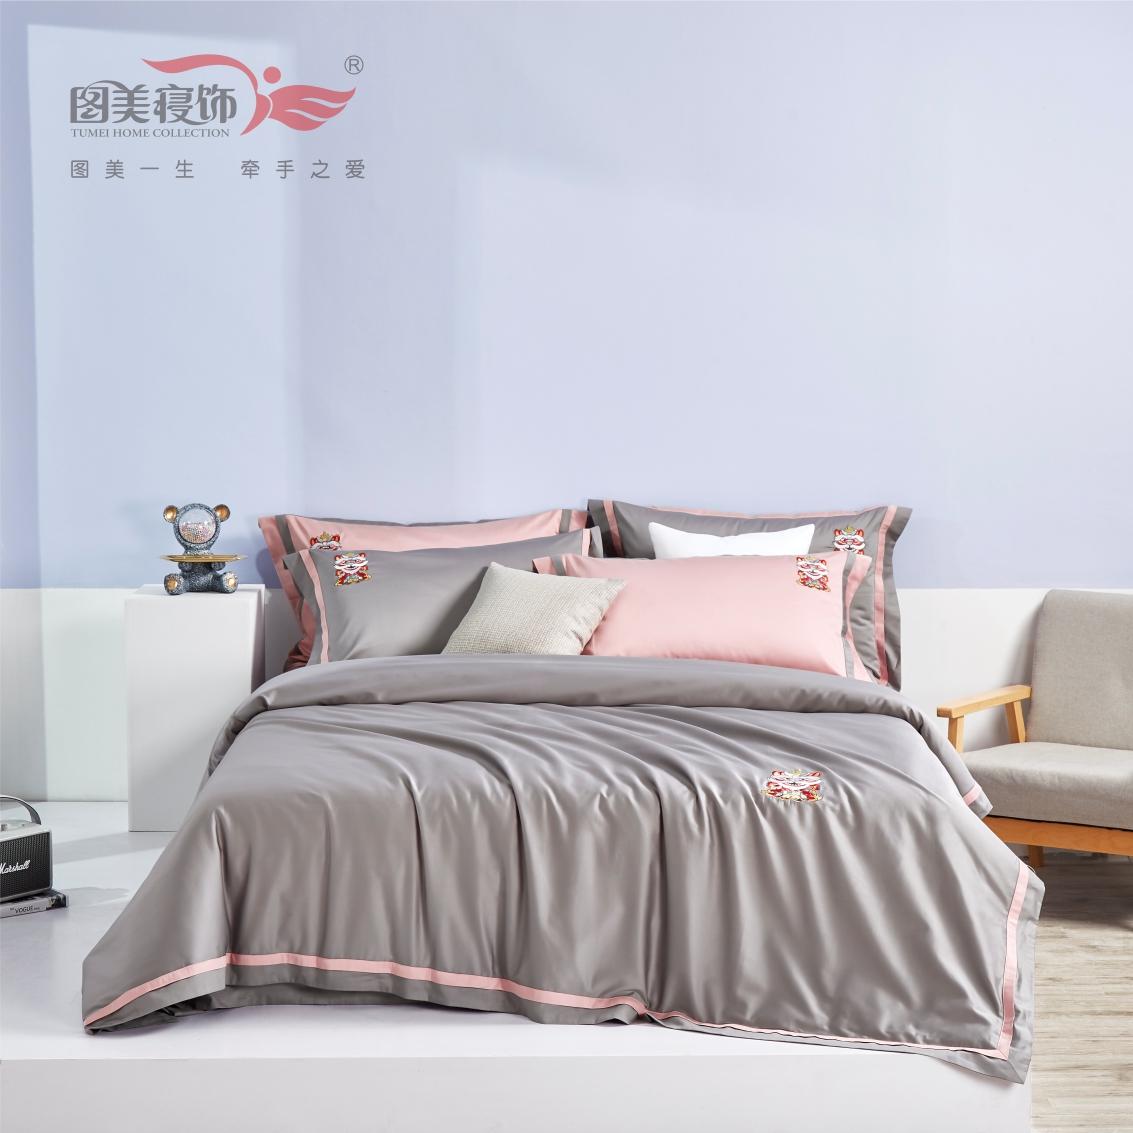 新疆阿克蘇長絨棉床單床笠床蓋四件套-西洋紫/水平藍/橄欖綠/檸檬黃/牡丹粉/暖灰